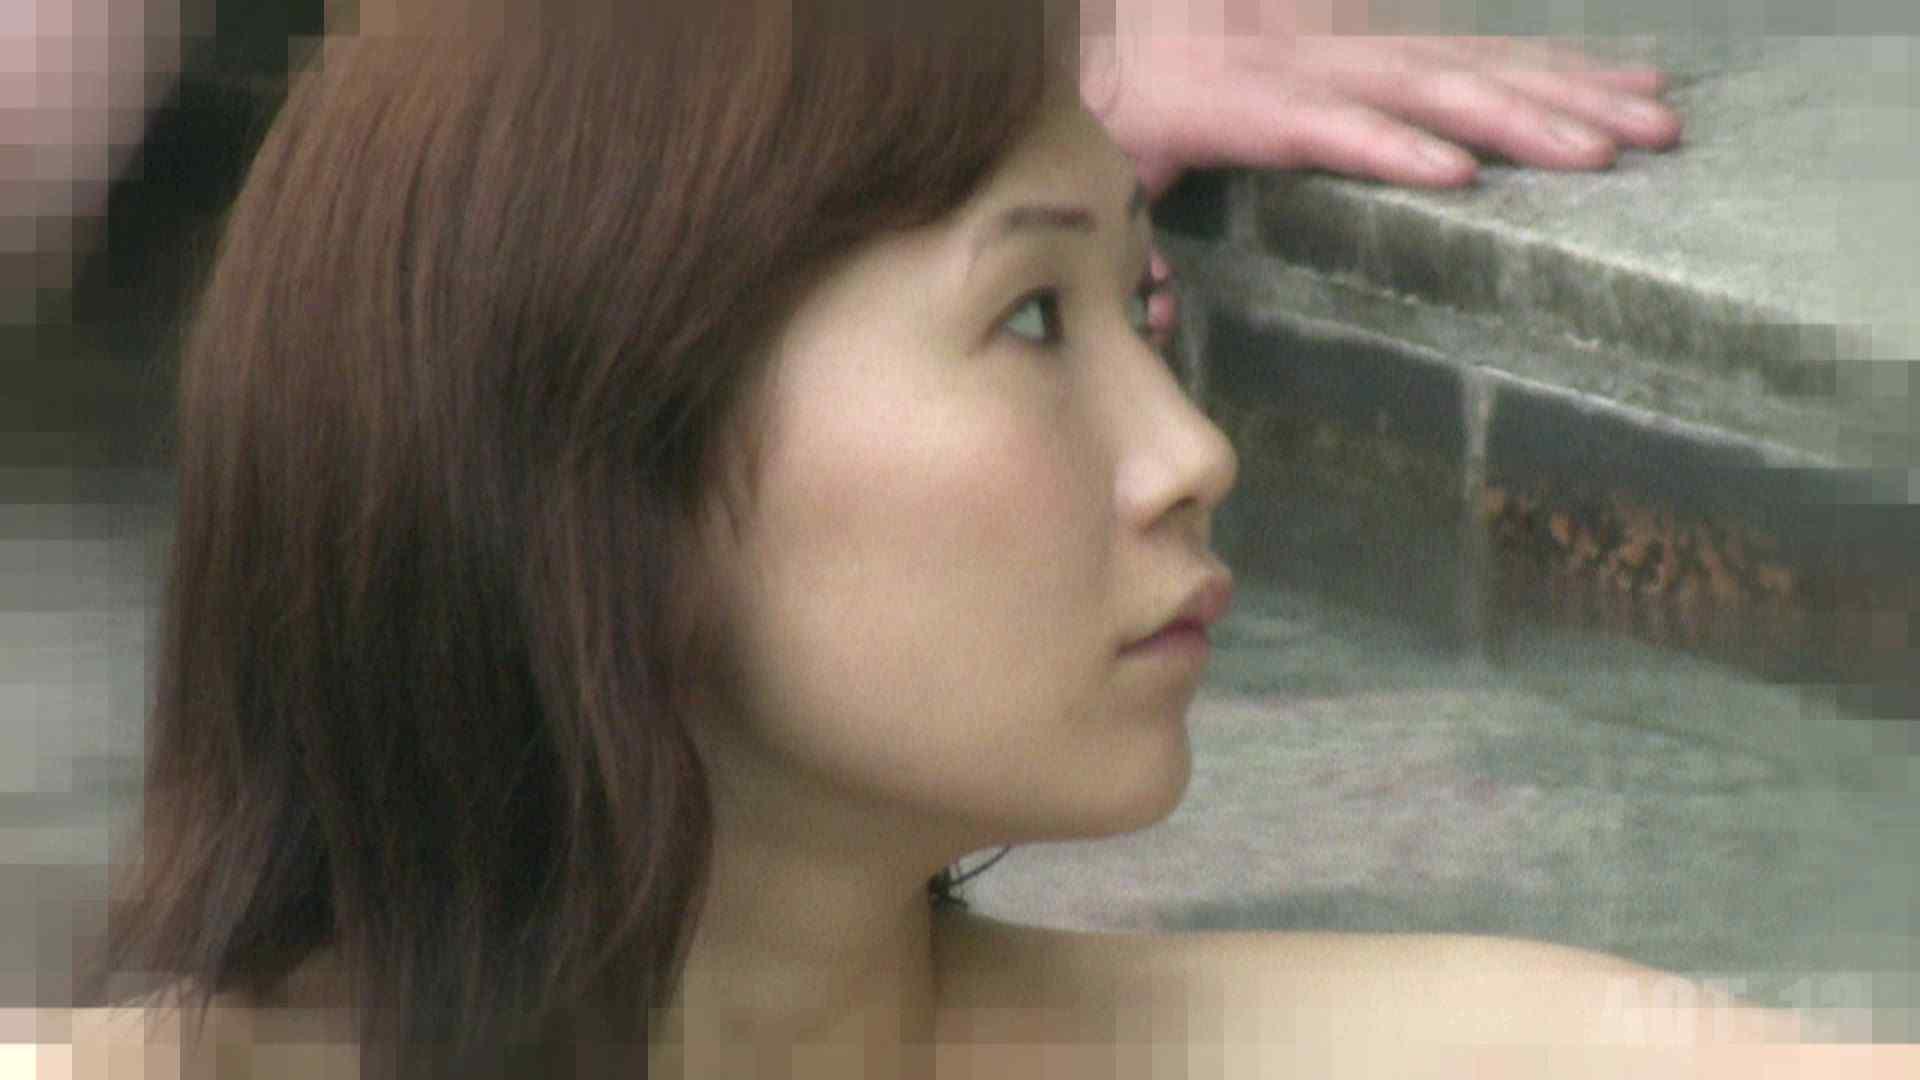 Aquaな露天風呂Vol.814 露天 ワレメ動画紹介 33PICs 23